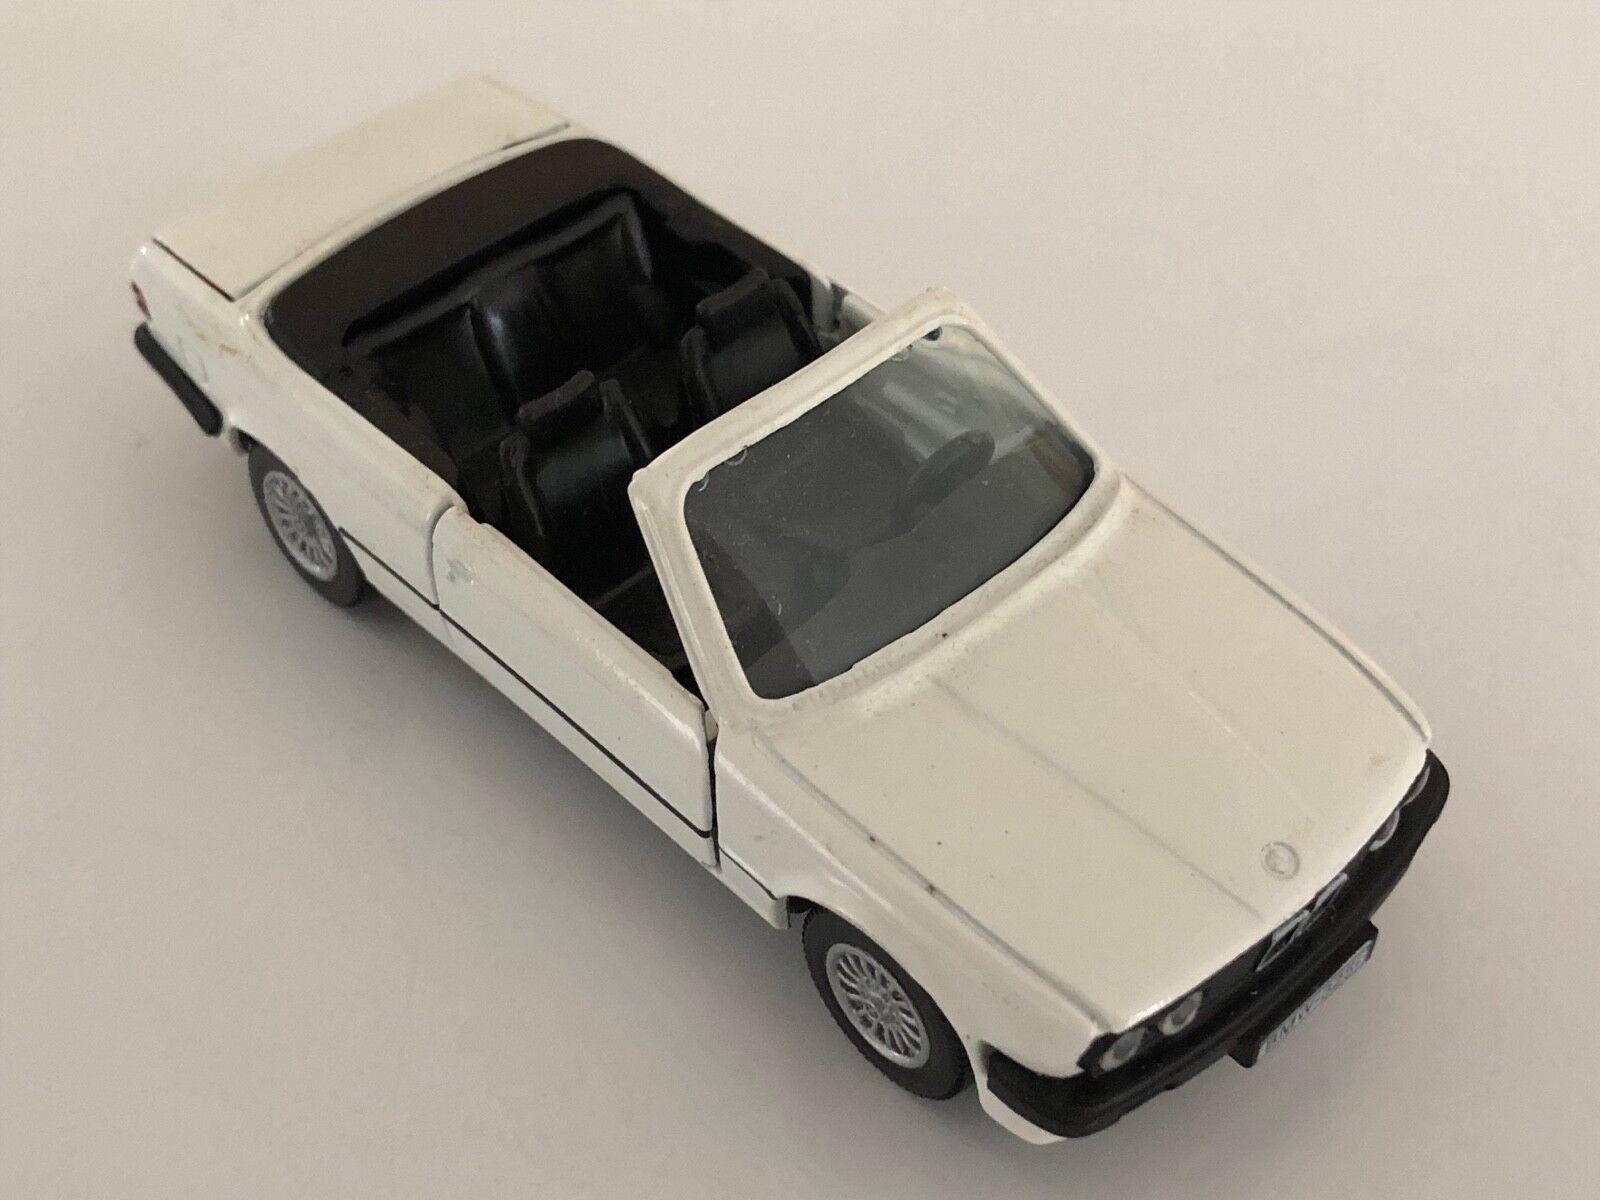 GAMA BMW 325i E30 Bianco con nero 1 43 SCALA DIECAST modelloLO   1110